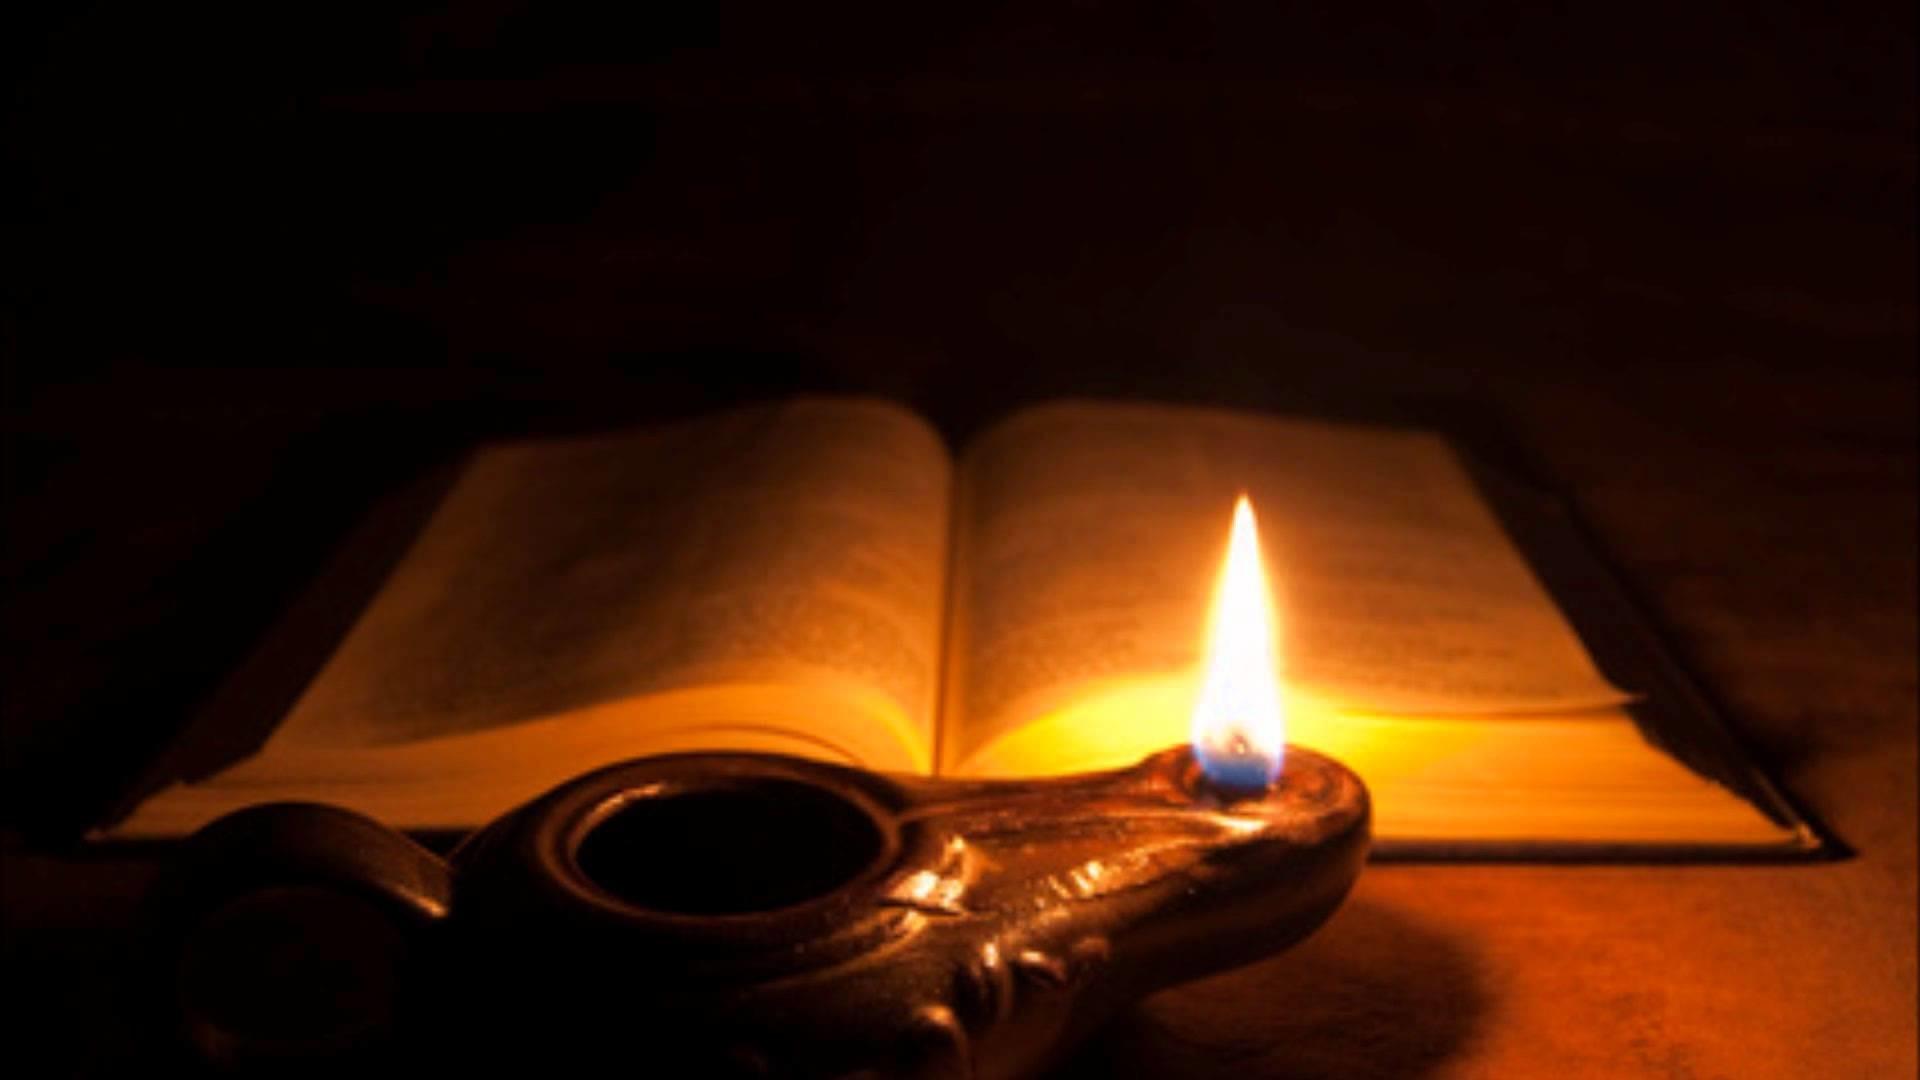 *Donne-nous notre Pain de ce jour (Vie) : Parole de DIEU *, *L'Évangile et le Livre du Ciel* ?u=https%3A%2F%2Fwallpapertag.com%2Fwallpaper%2Ffull%2F6%2Fa%2F7%2F505631-gorgerous-holy-bible-wallpaper-1920x1080